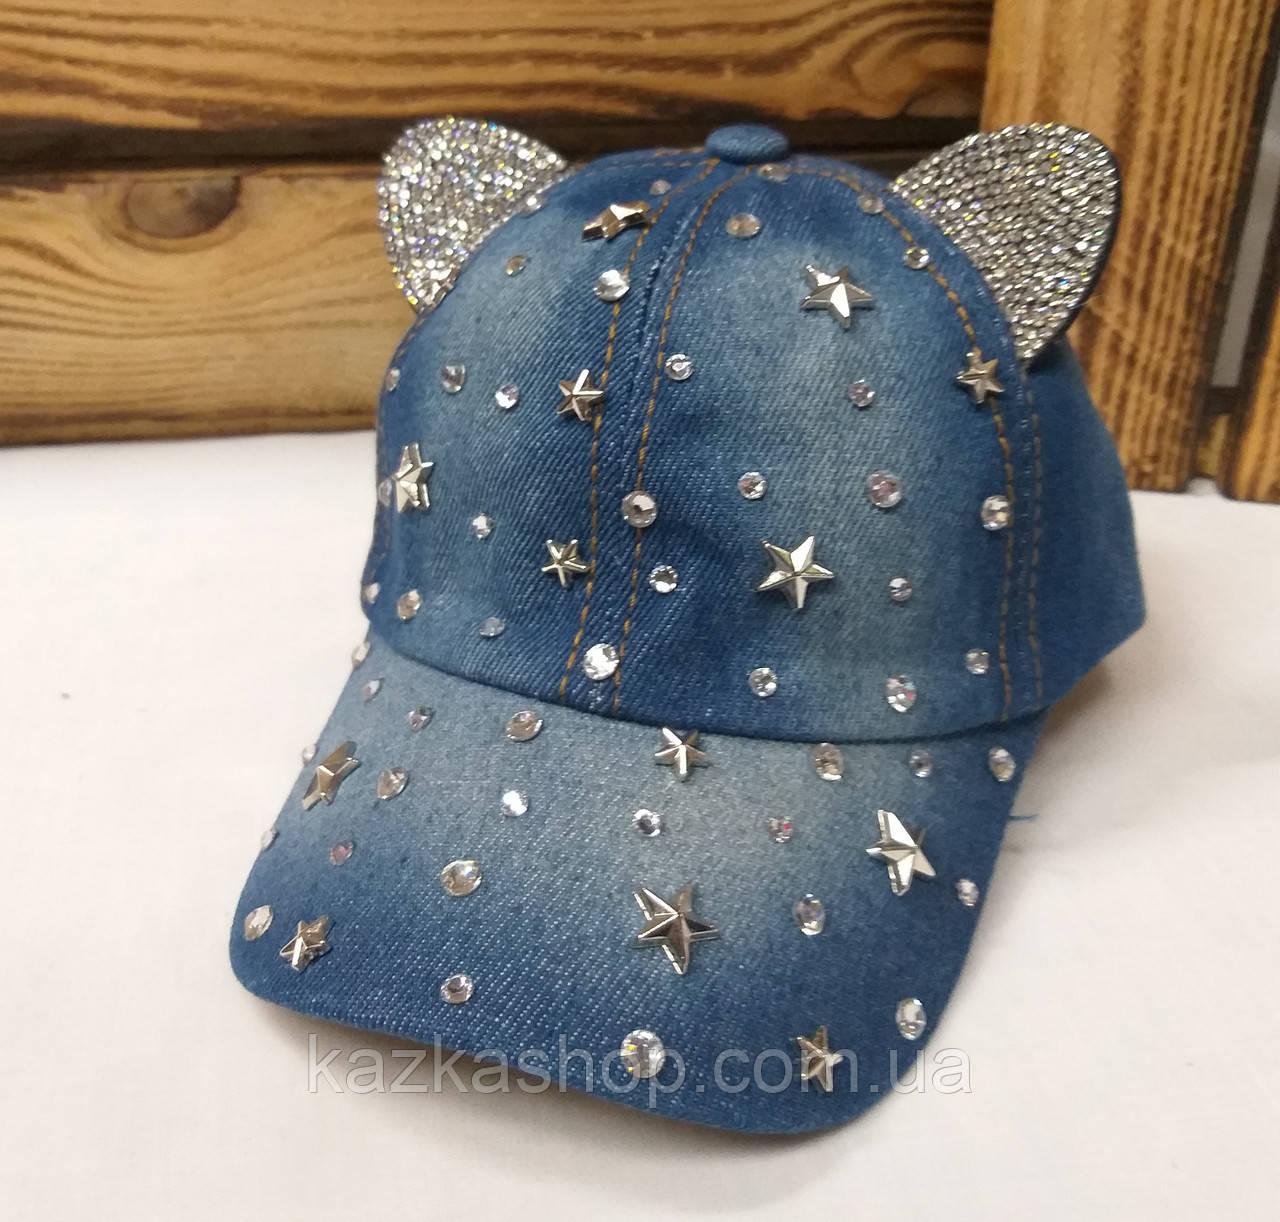 Детская джинсовая кепка с ушками и декоративными вставками, сезон весна-лето, с регулятором, размер 48-50